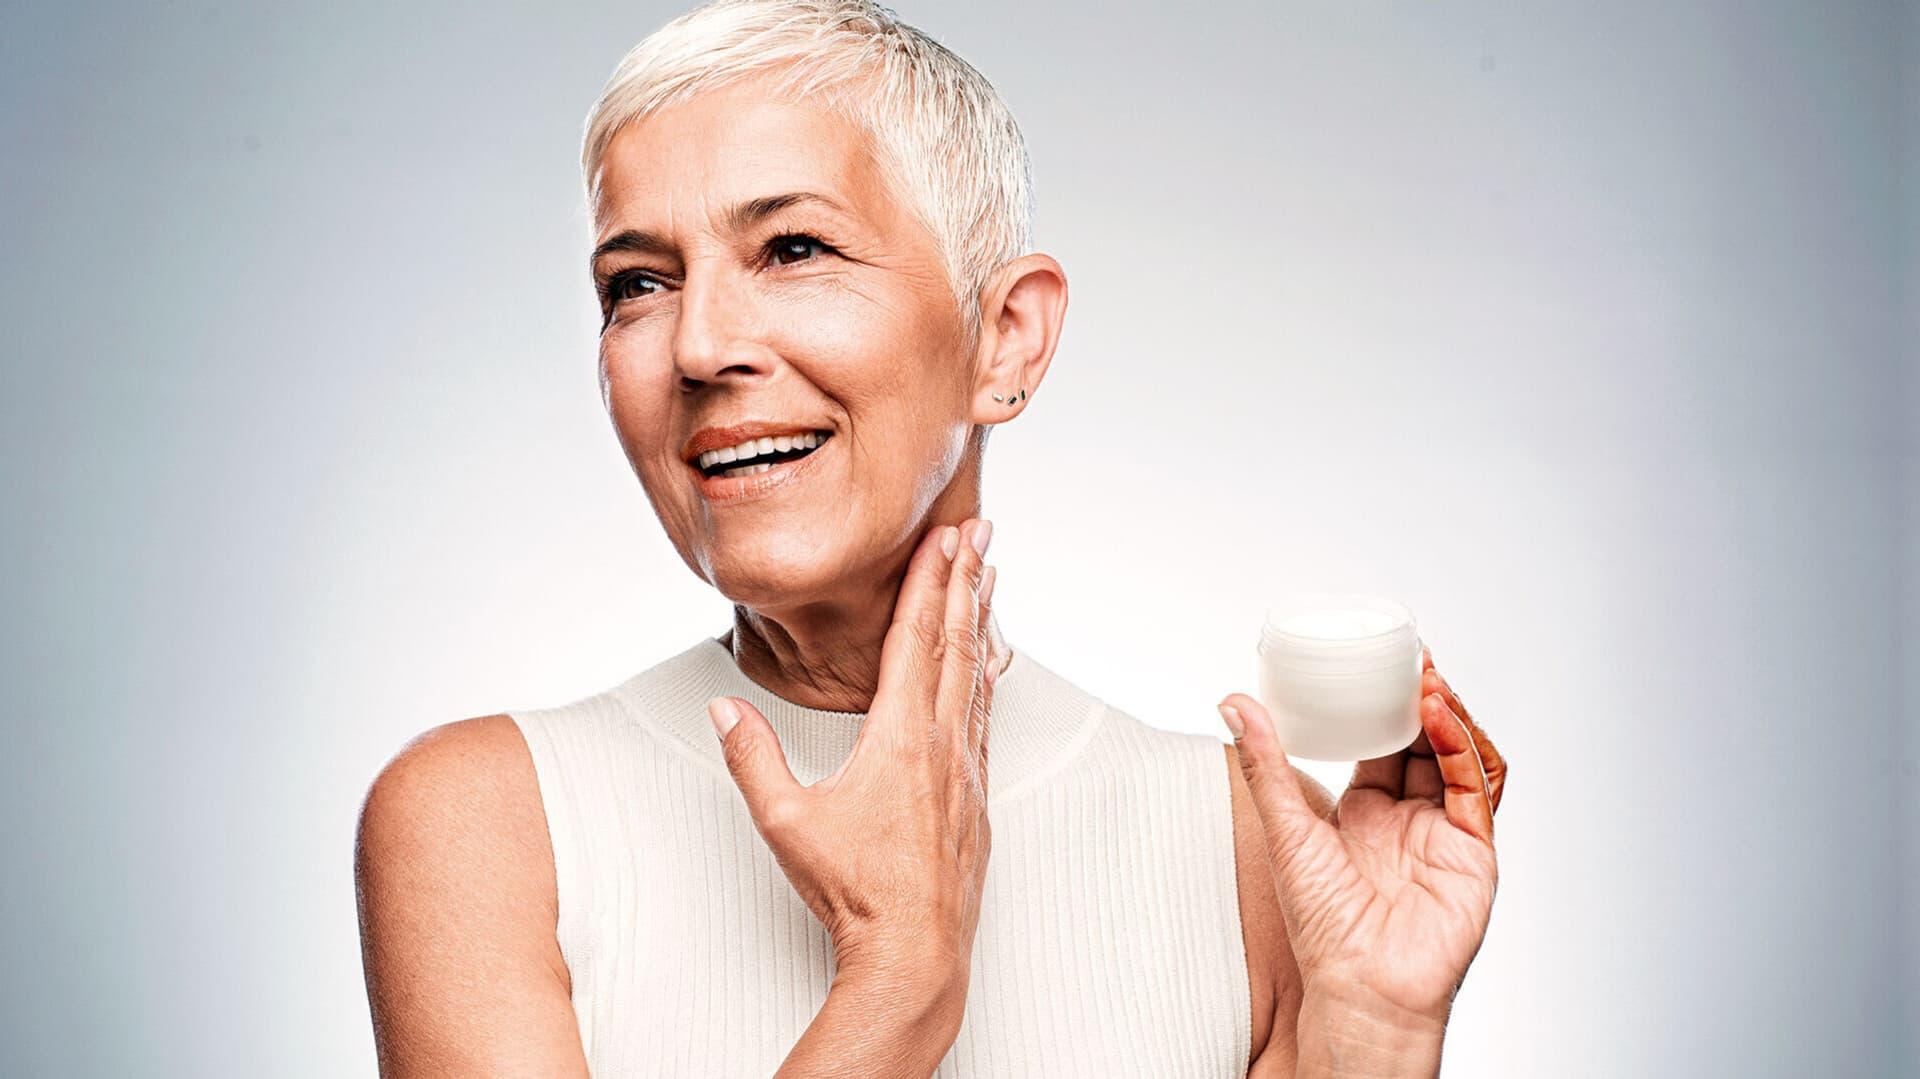 Eine Frau mit kurzen grauen haaren cremt sich den Hals ein